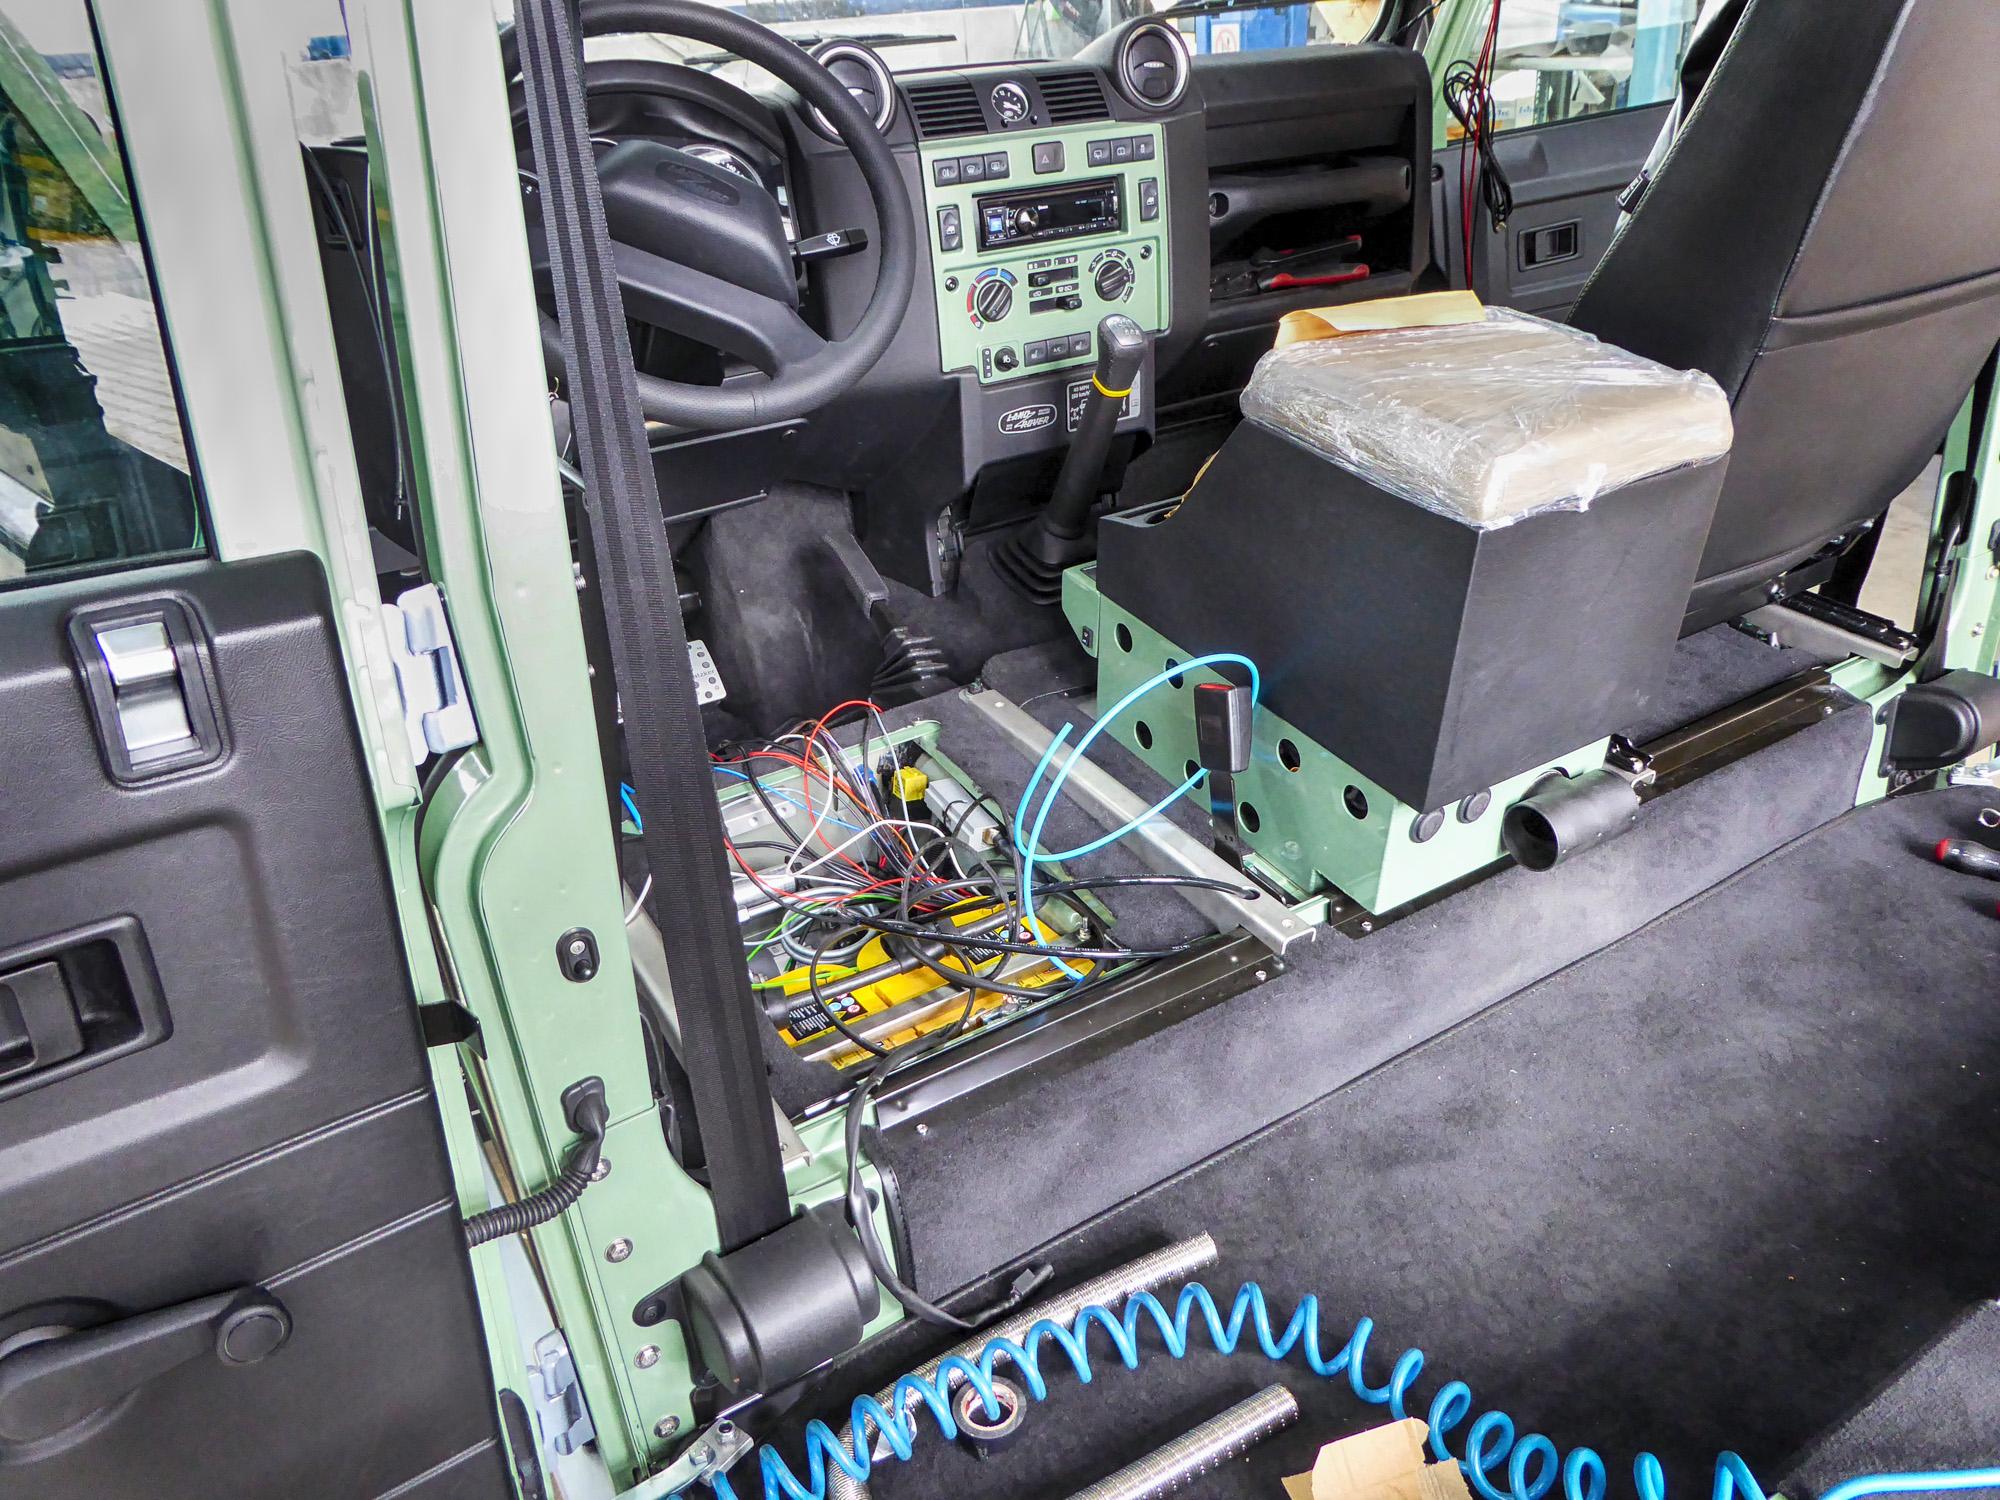 Ex-Tec Standheizung und Batteriesysteme